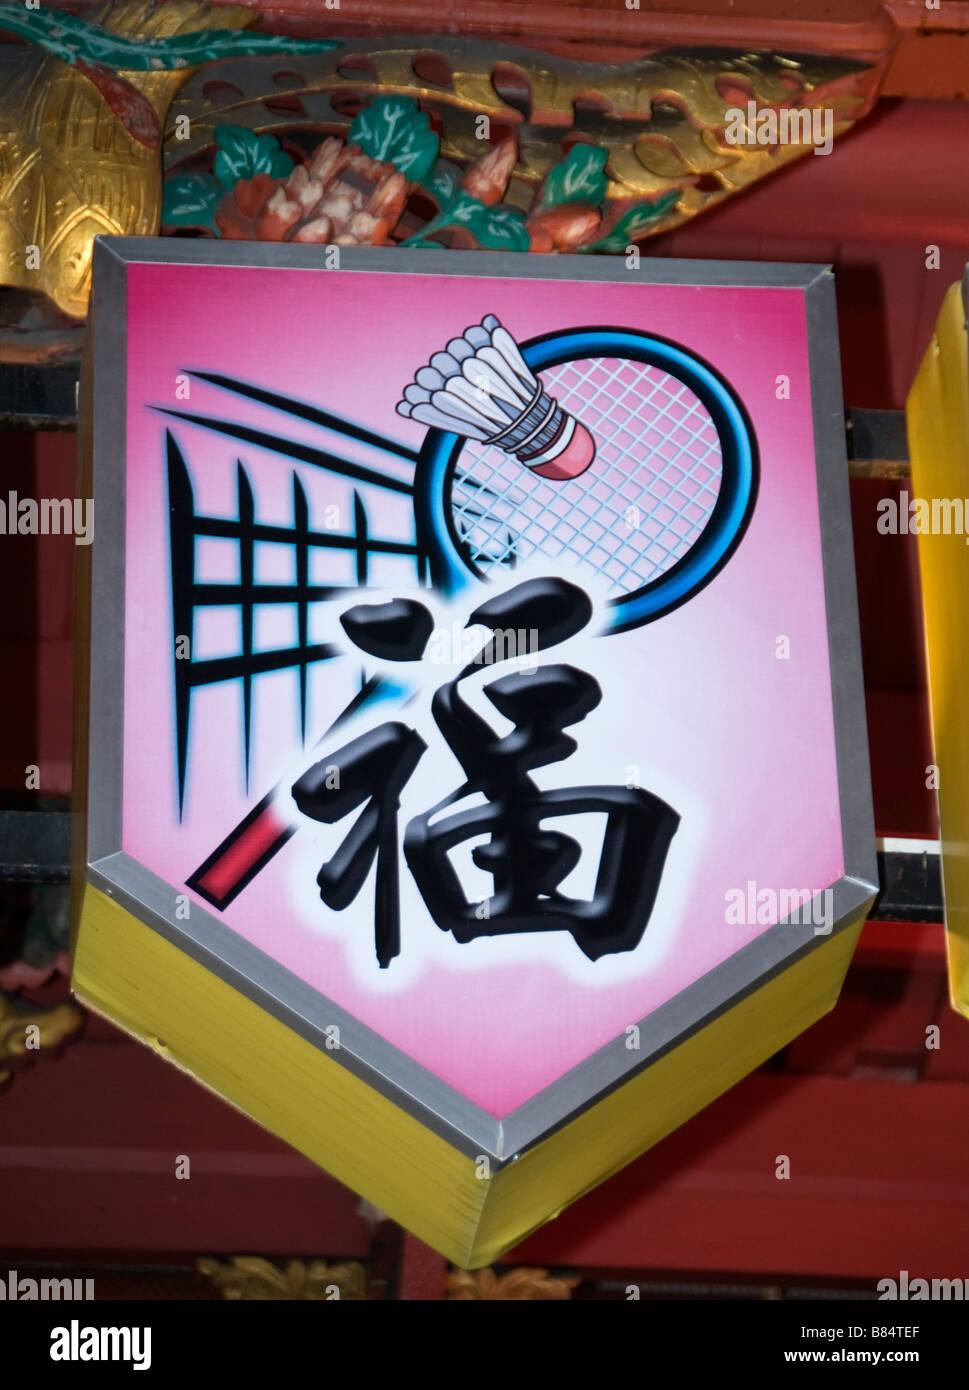 Malacca Malaysia Chinatown cinese Cina il faro a luce rotante neon sport giocare un gioco di tennis badminton giochi Immagini Stock